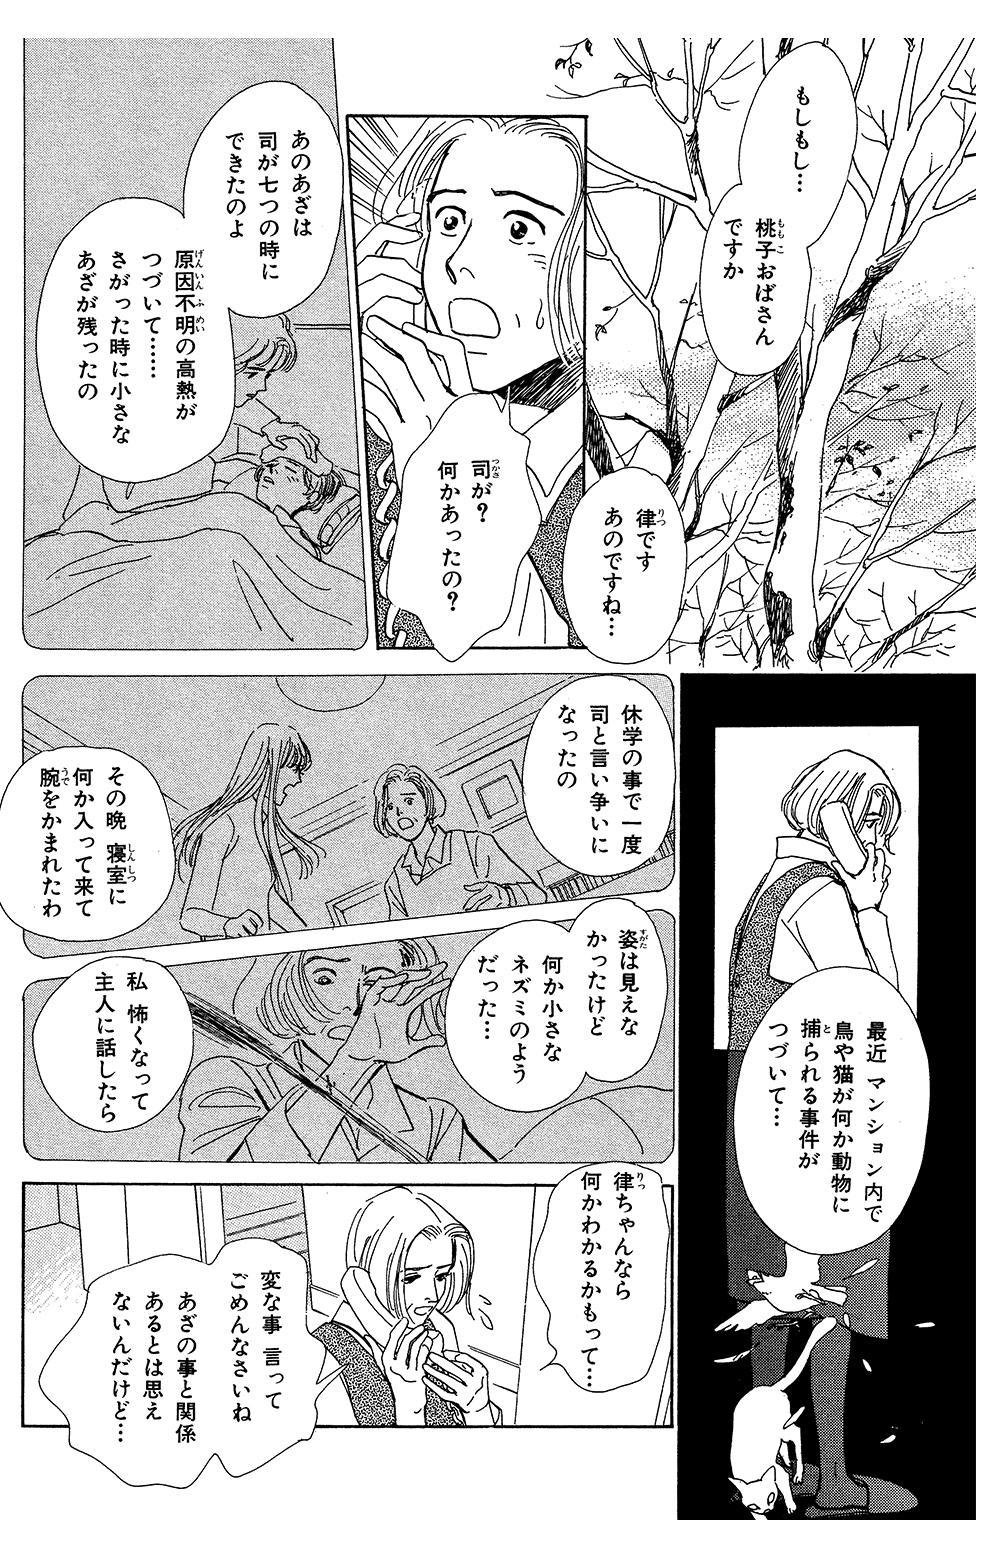 百鬼夜行抄 第1話「闇からの呼び声」④hyakki1-4-1.jpg